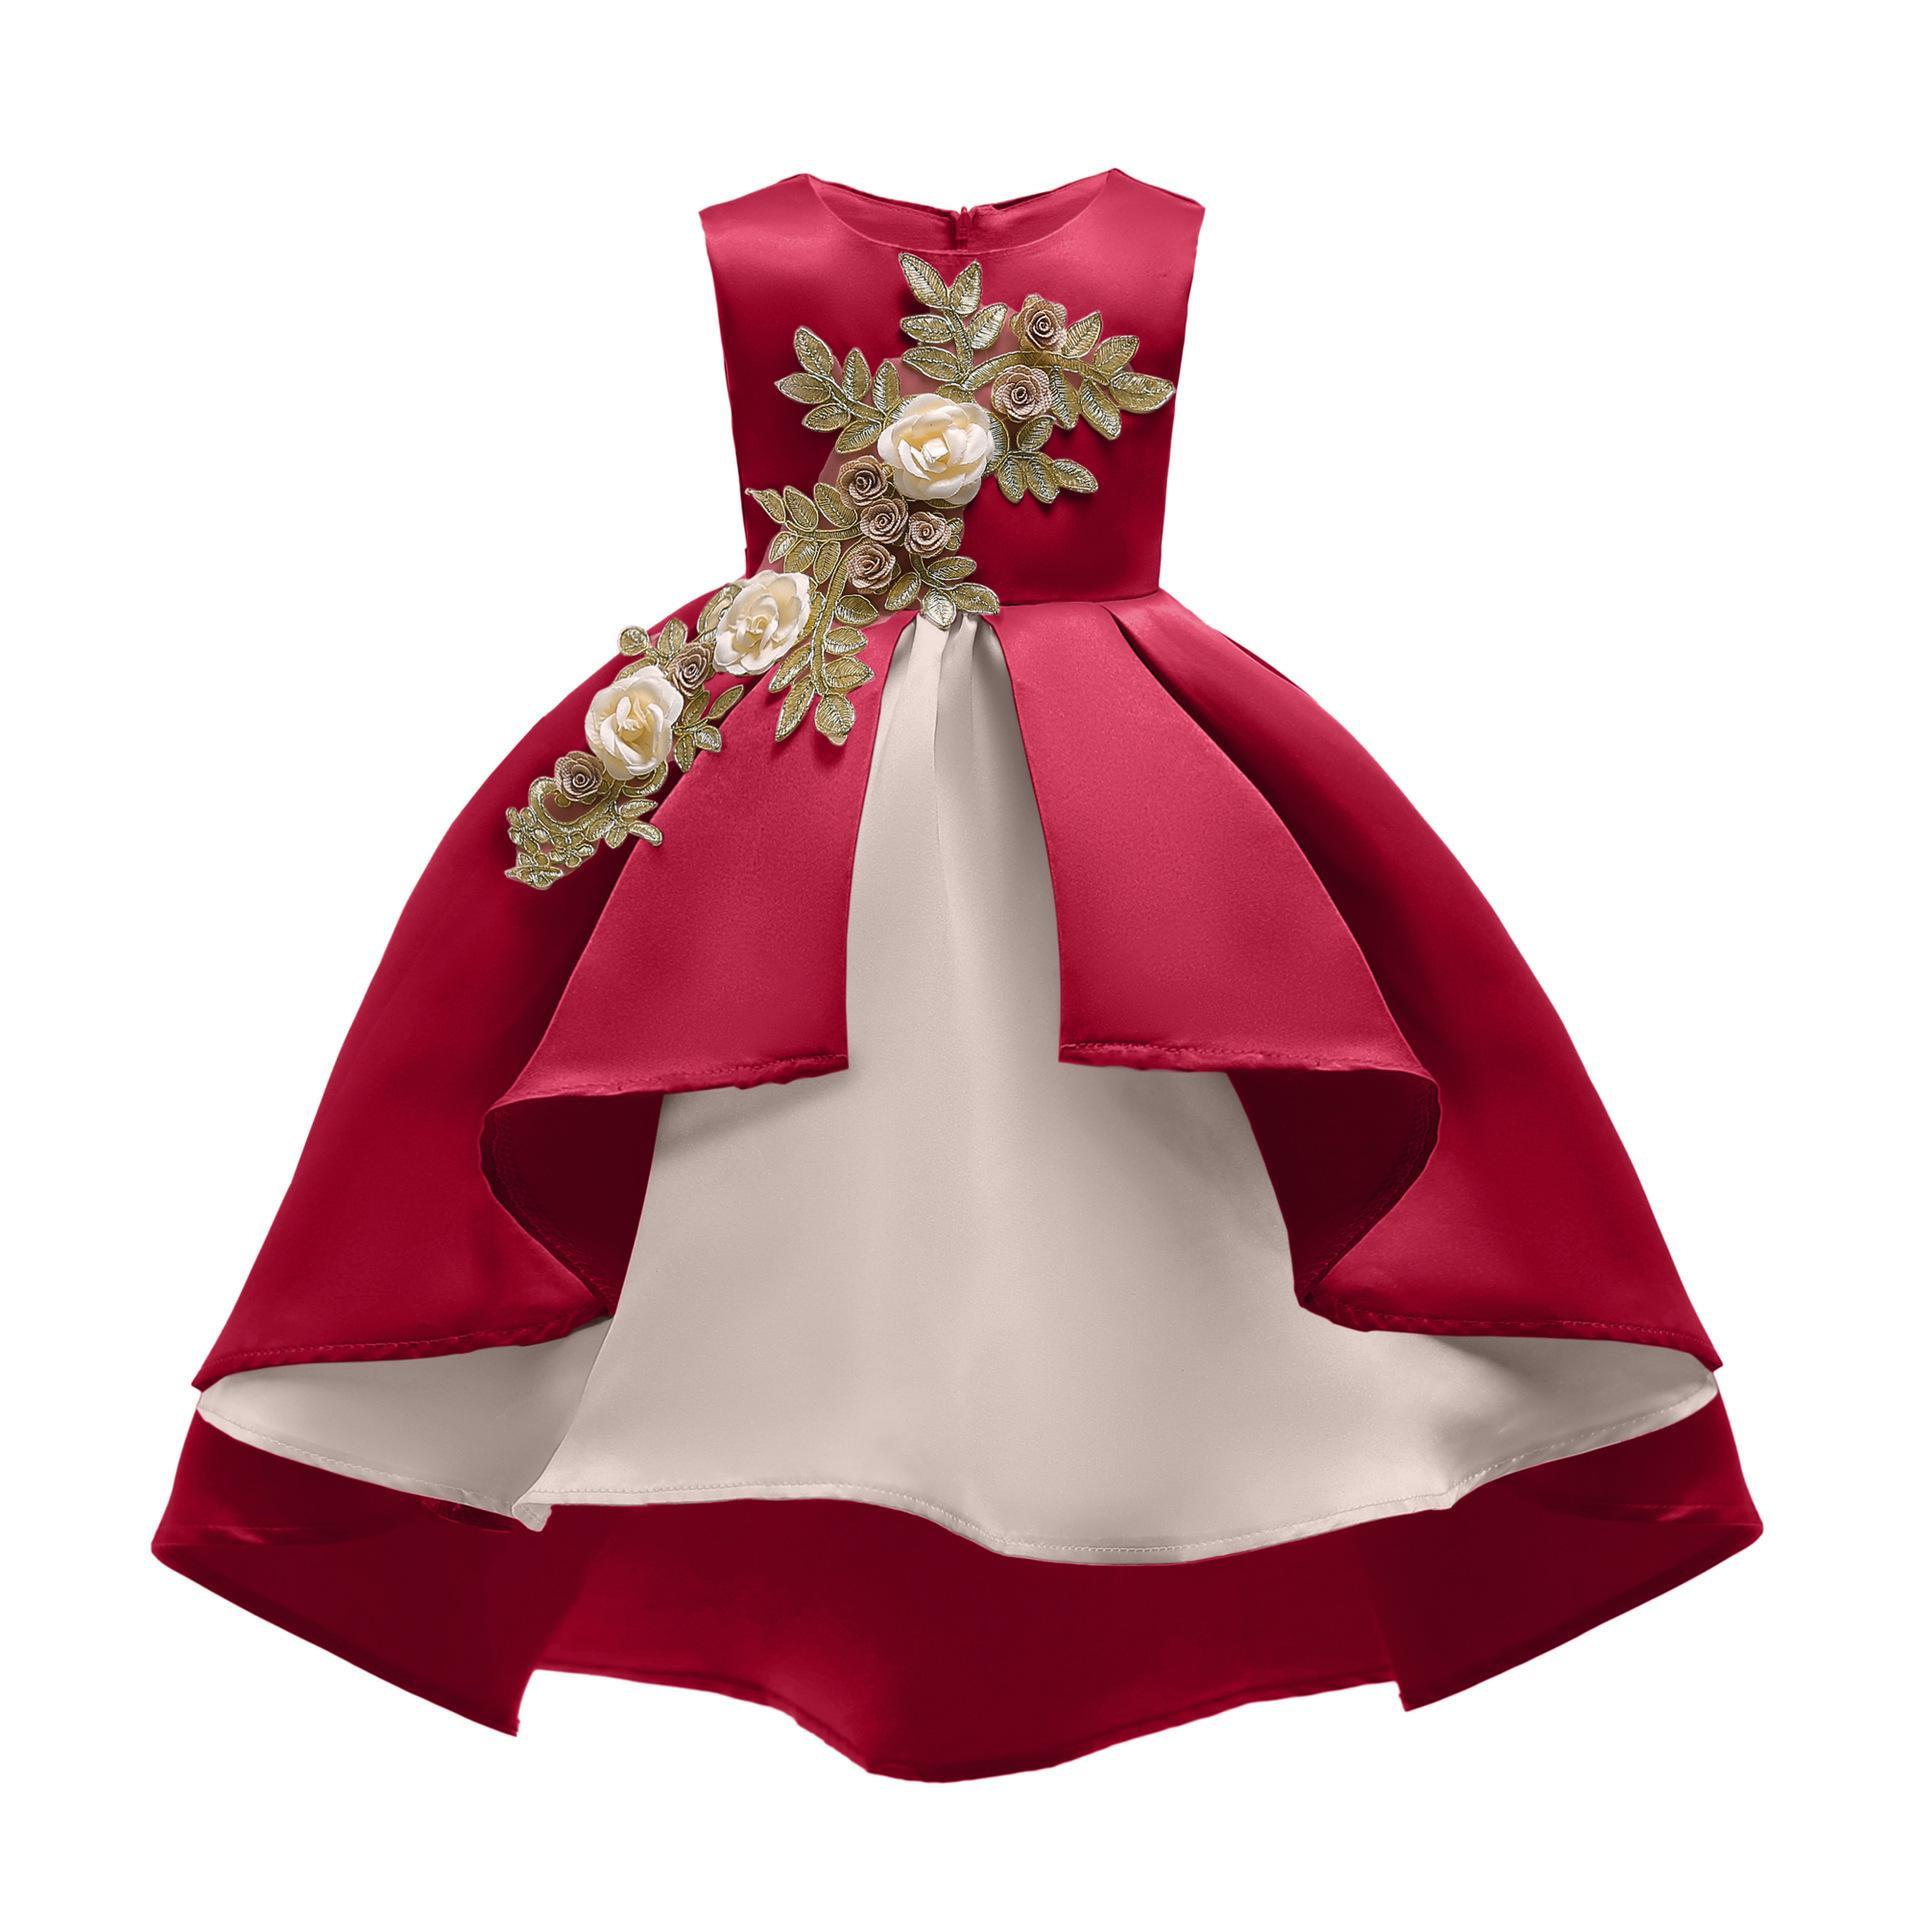 10 Spektakulär Abendkleid Für Kinder Boutique15 Schön Abendkleid Für Kinder für 2019